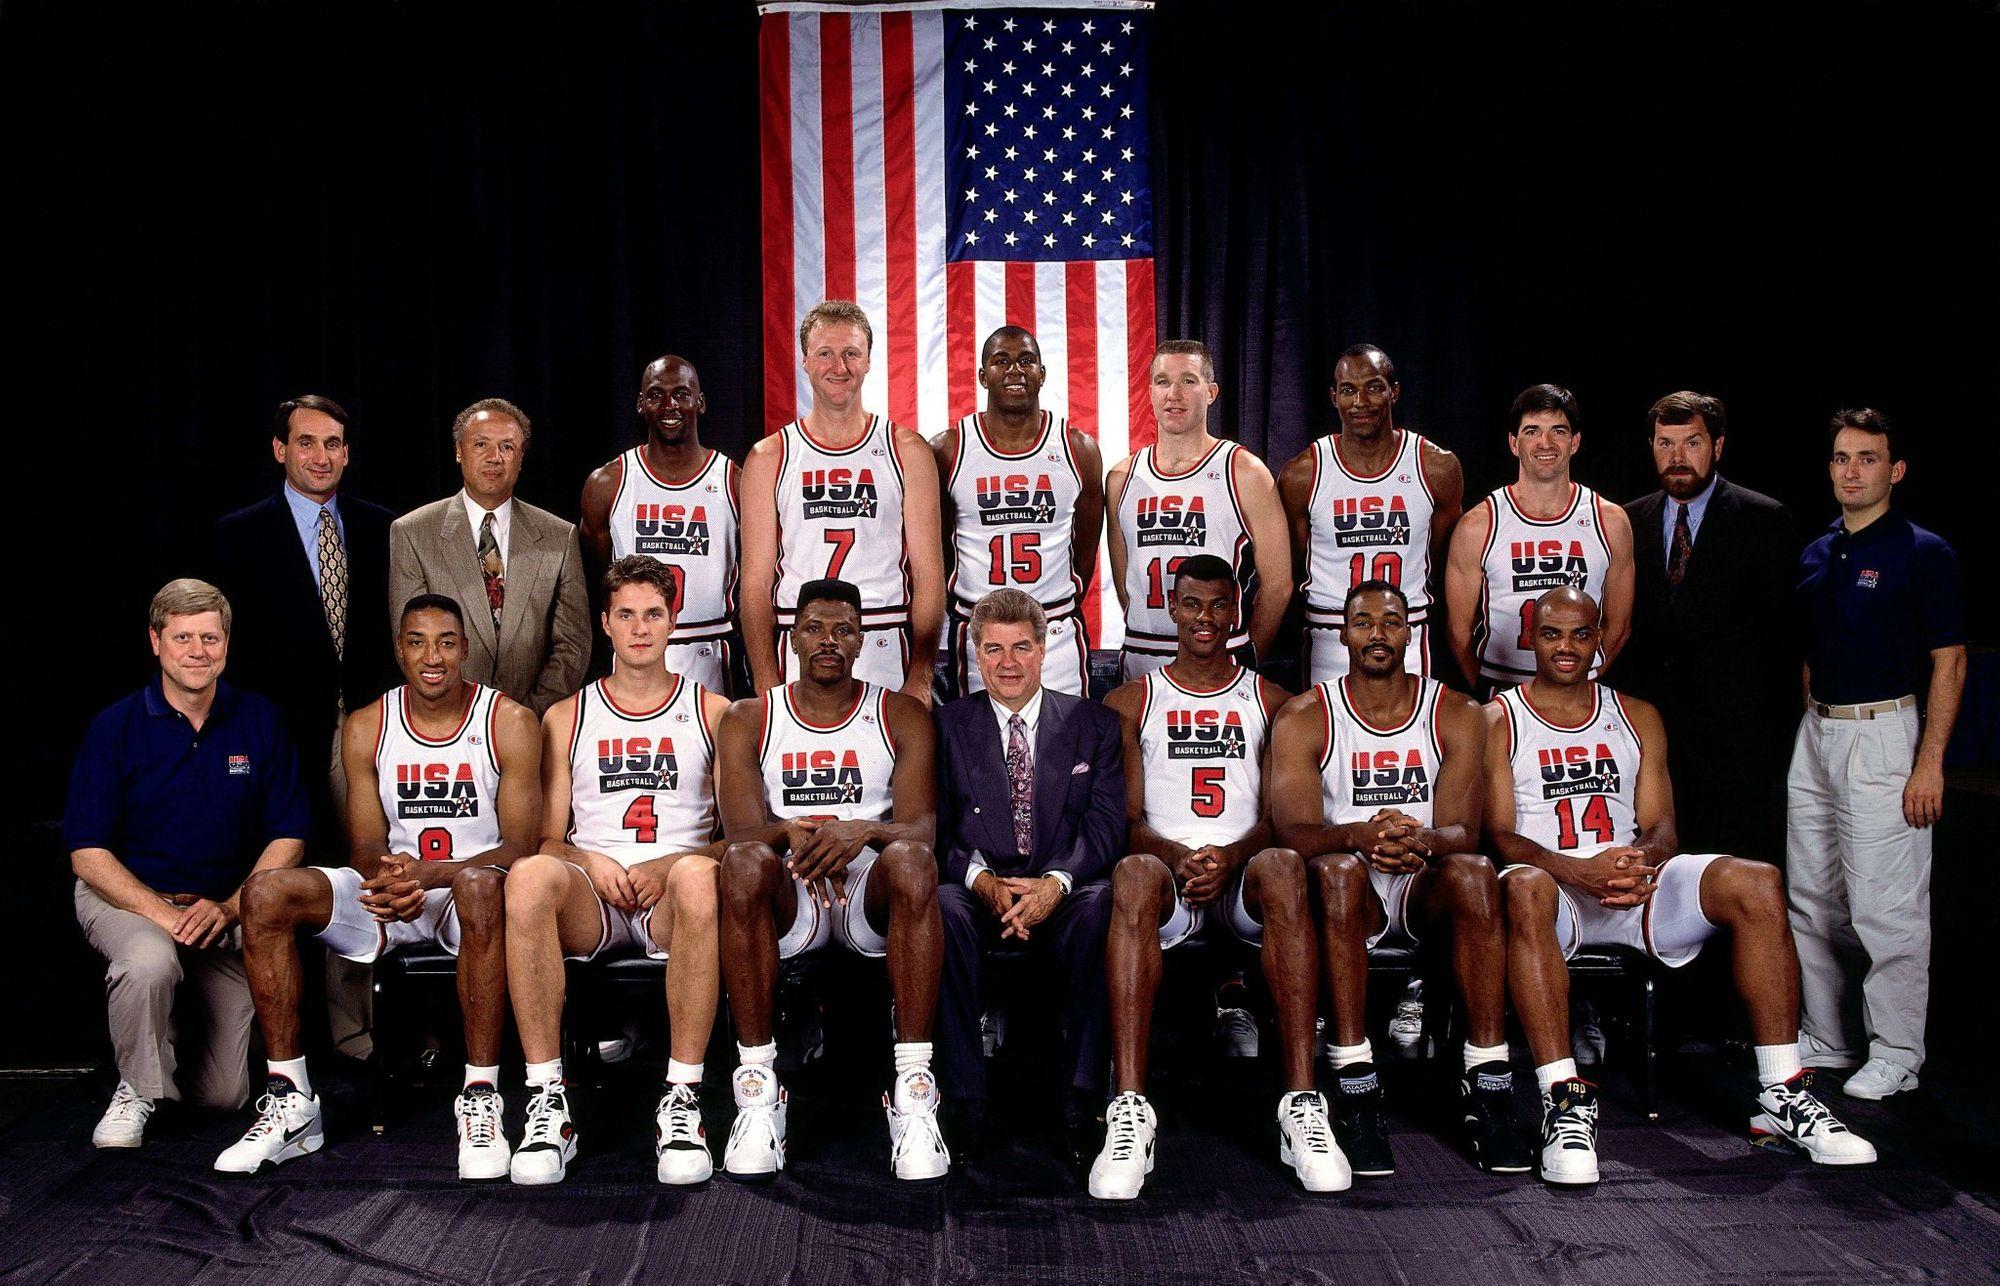 喬丹、皮朋、魔術強森、惡漢巴克利、海軍上將羅賓森、大鳥柏德、滑翔機崔斯勒、郵差馬龍⋯⋯,12 位成員中有 11 位已經進入籃球名人堂。(維基百科)